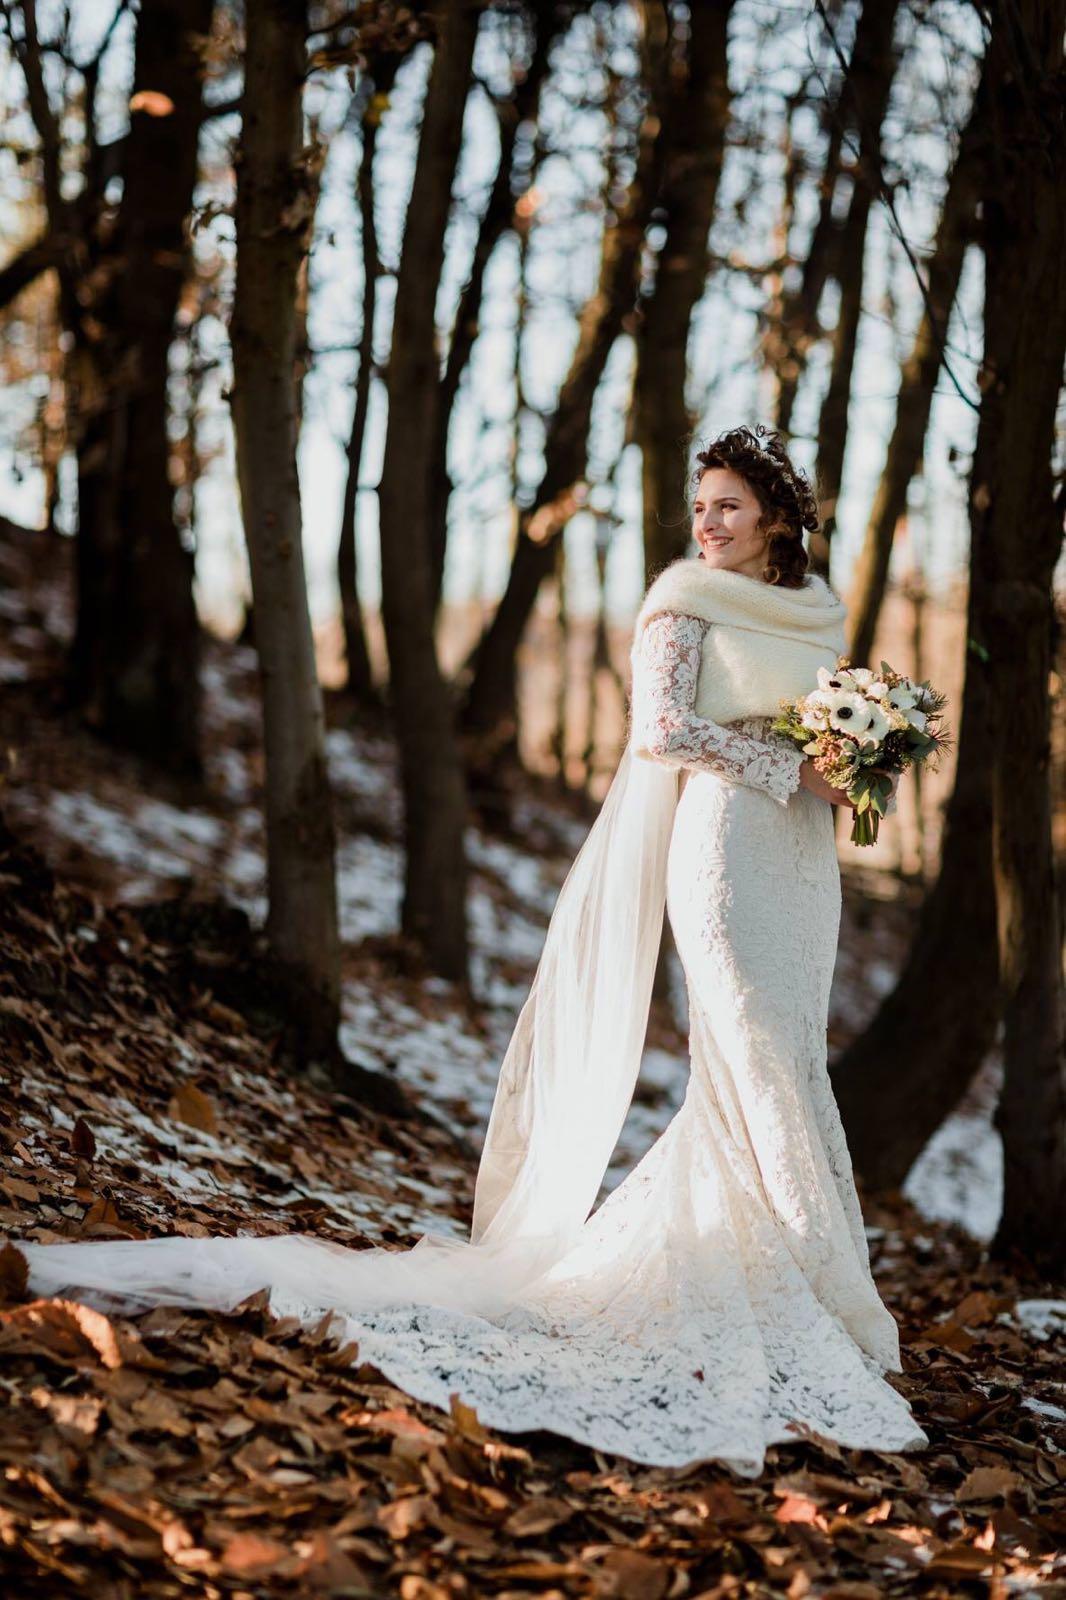 f5f0e529e6a1 A parlarvi del trucco da sposa invernale c è la nostra fidata make up  artist Monica Cena